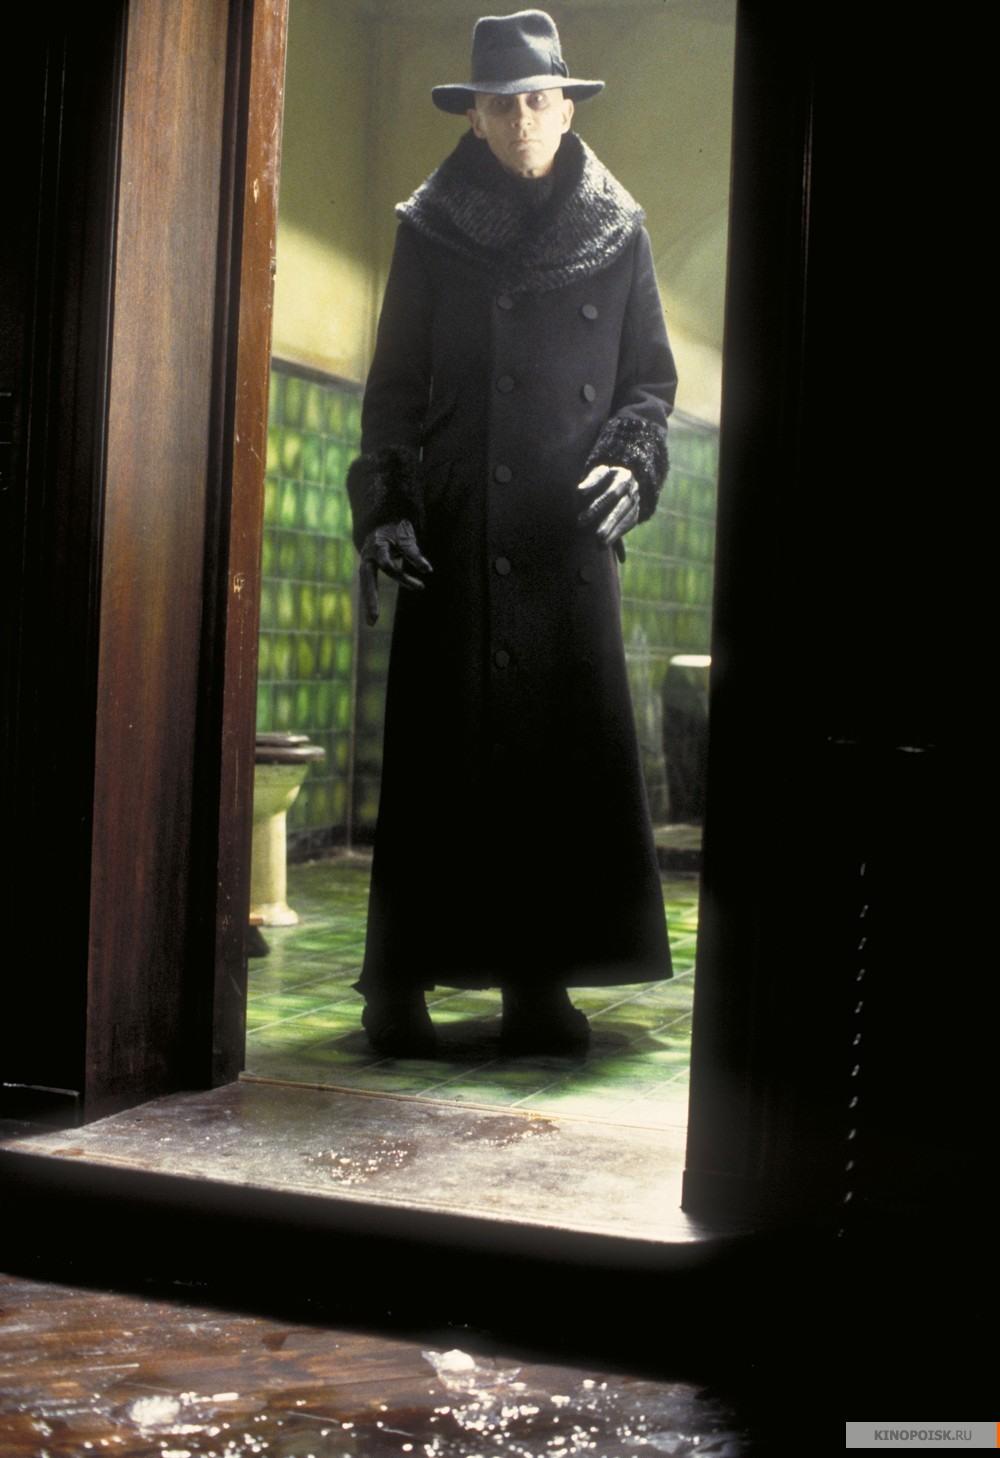 Кадр из фильма Тёмный город, 1998 год (12)